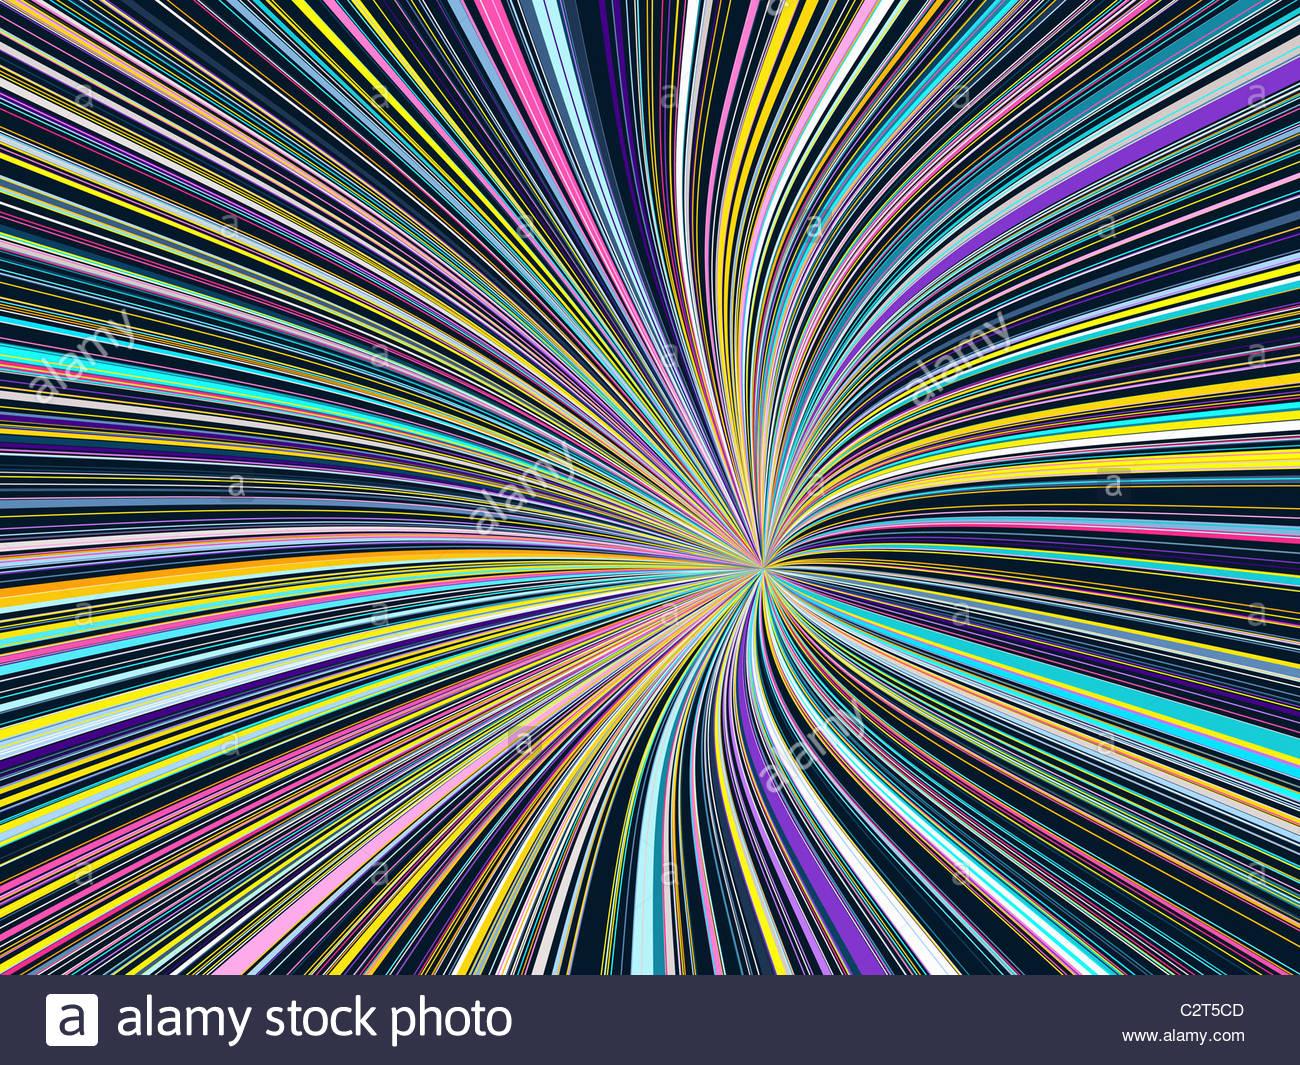 Abstrakte Linienform mit Regenbogenfarben Stockbild